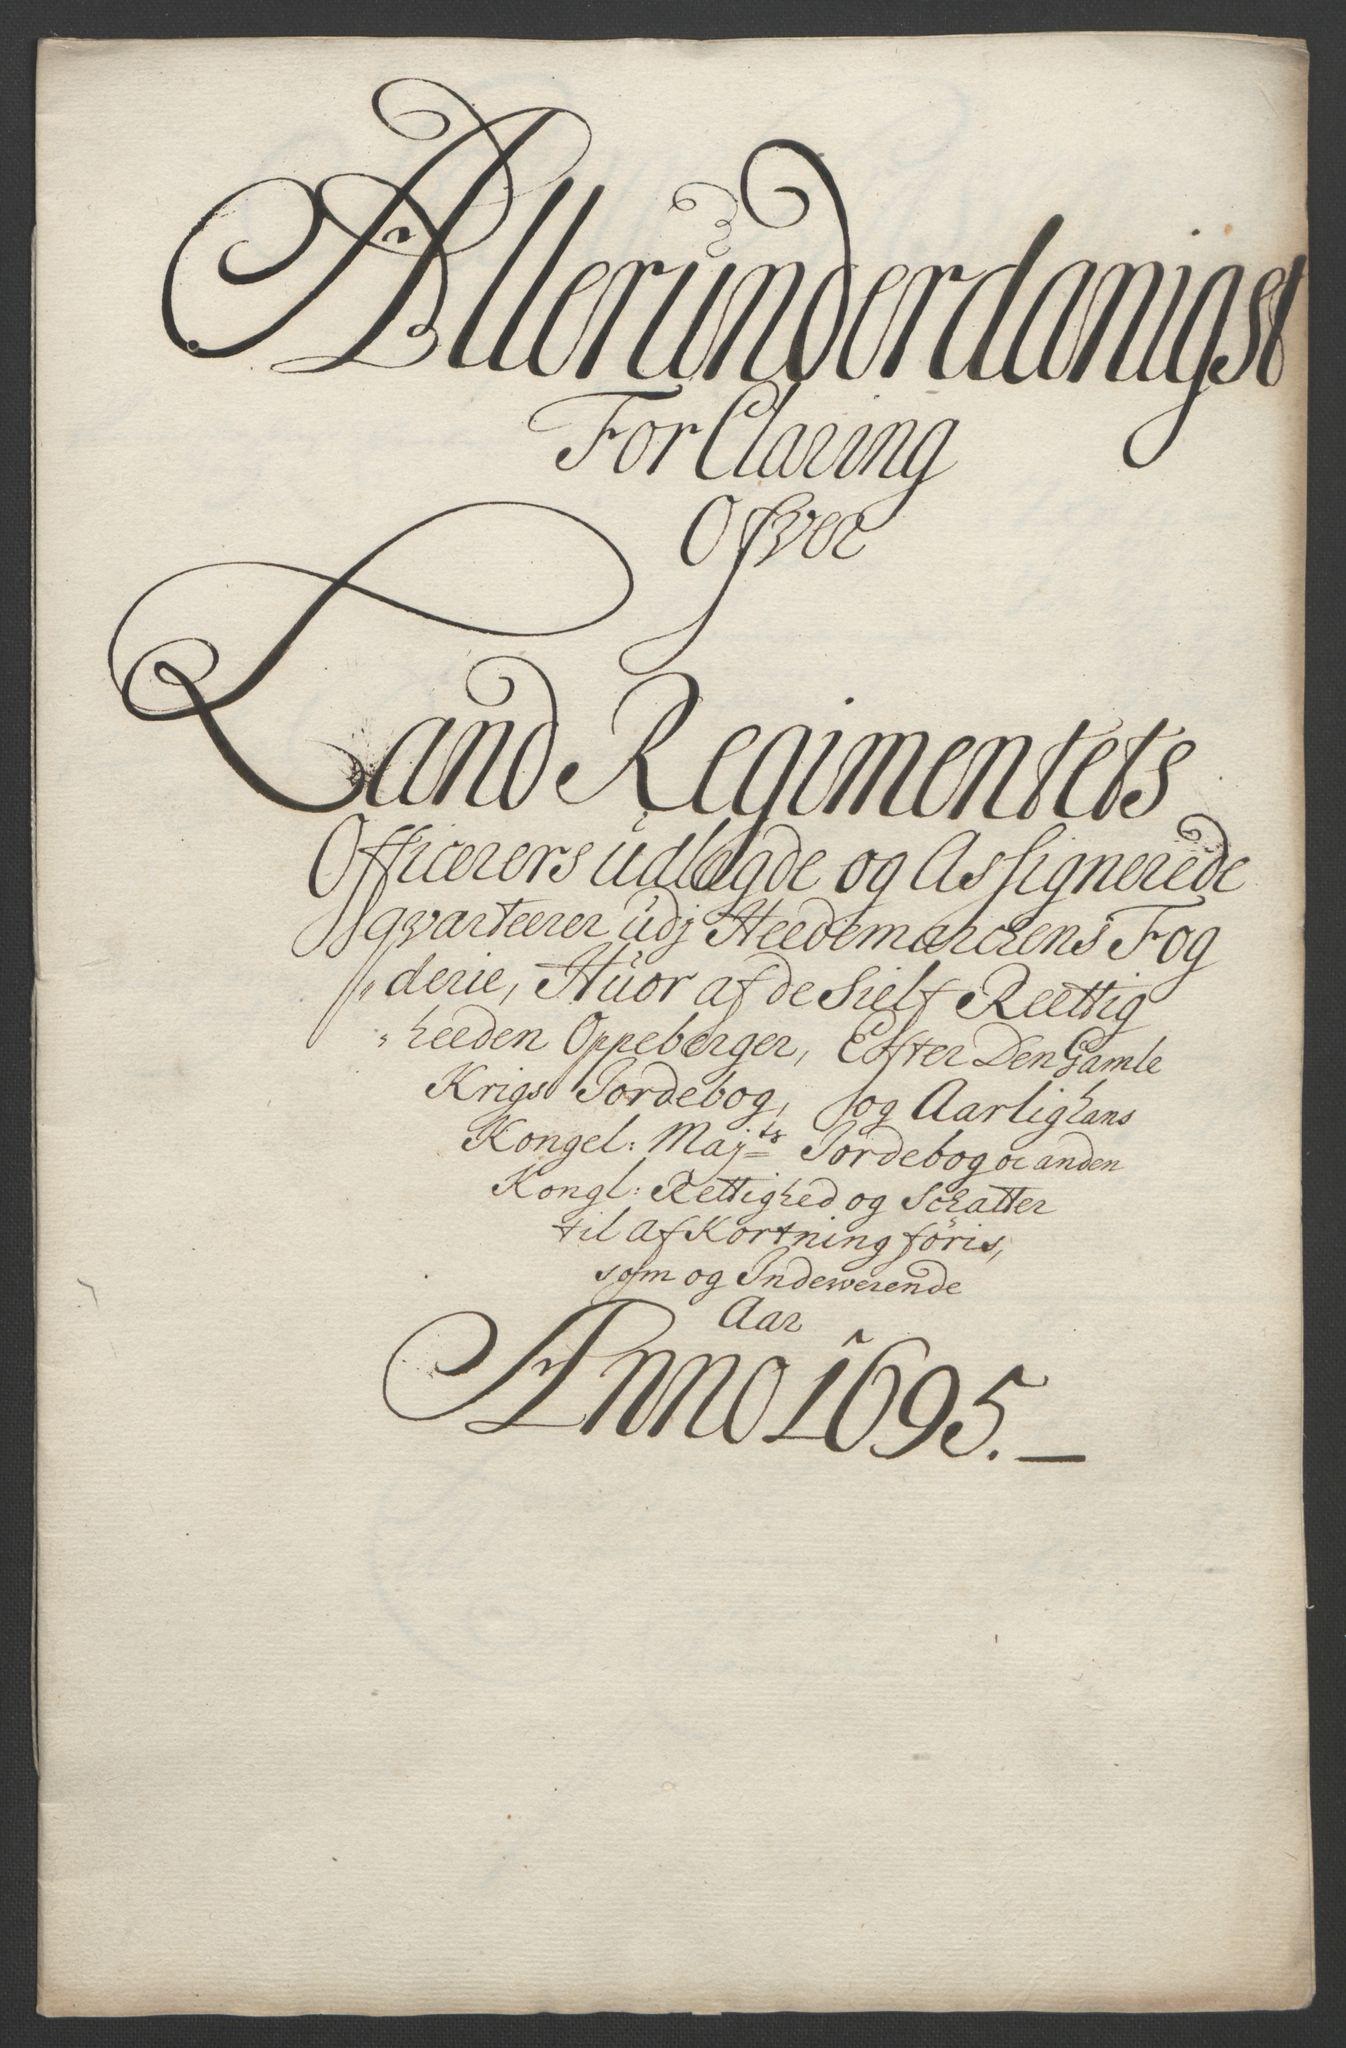 RA, Rentekammeret inntil 1814, Reviderte regnskaper, Fogderegnskap, R16/L1036: Fogderegnskap Hedmark, 1695-1696, s. 142